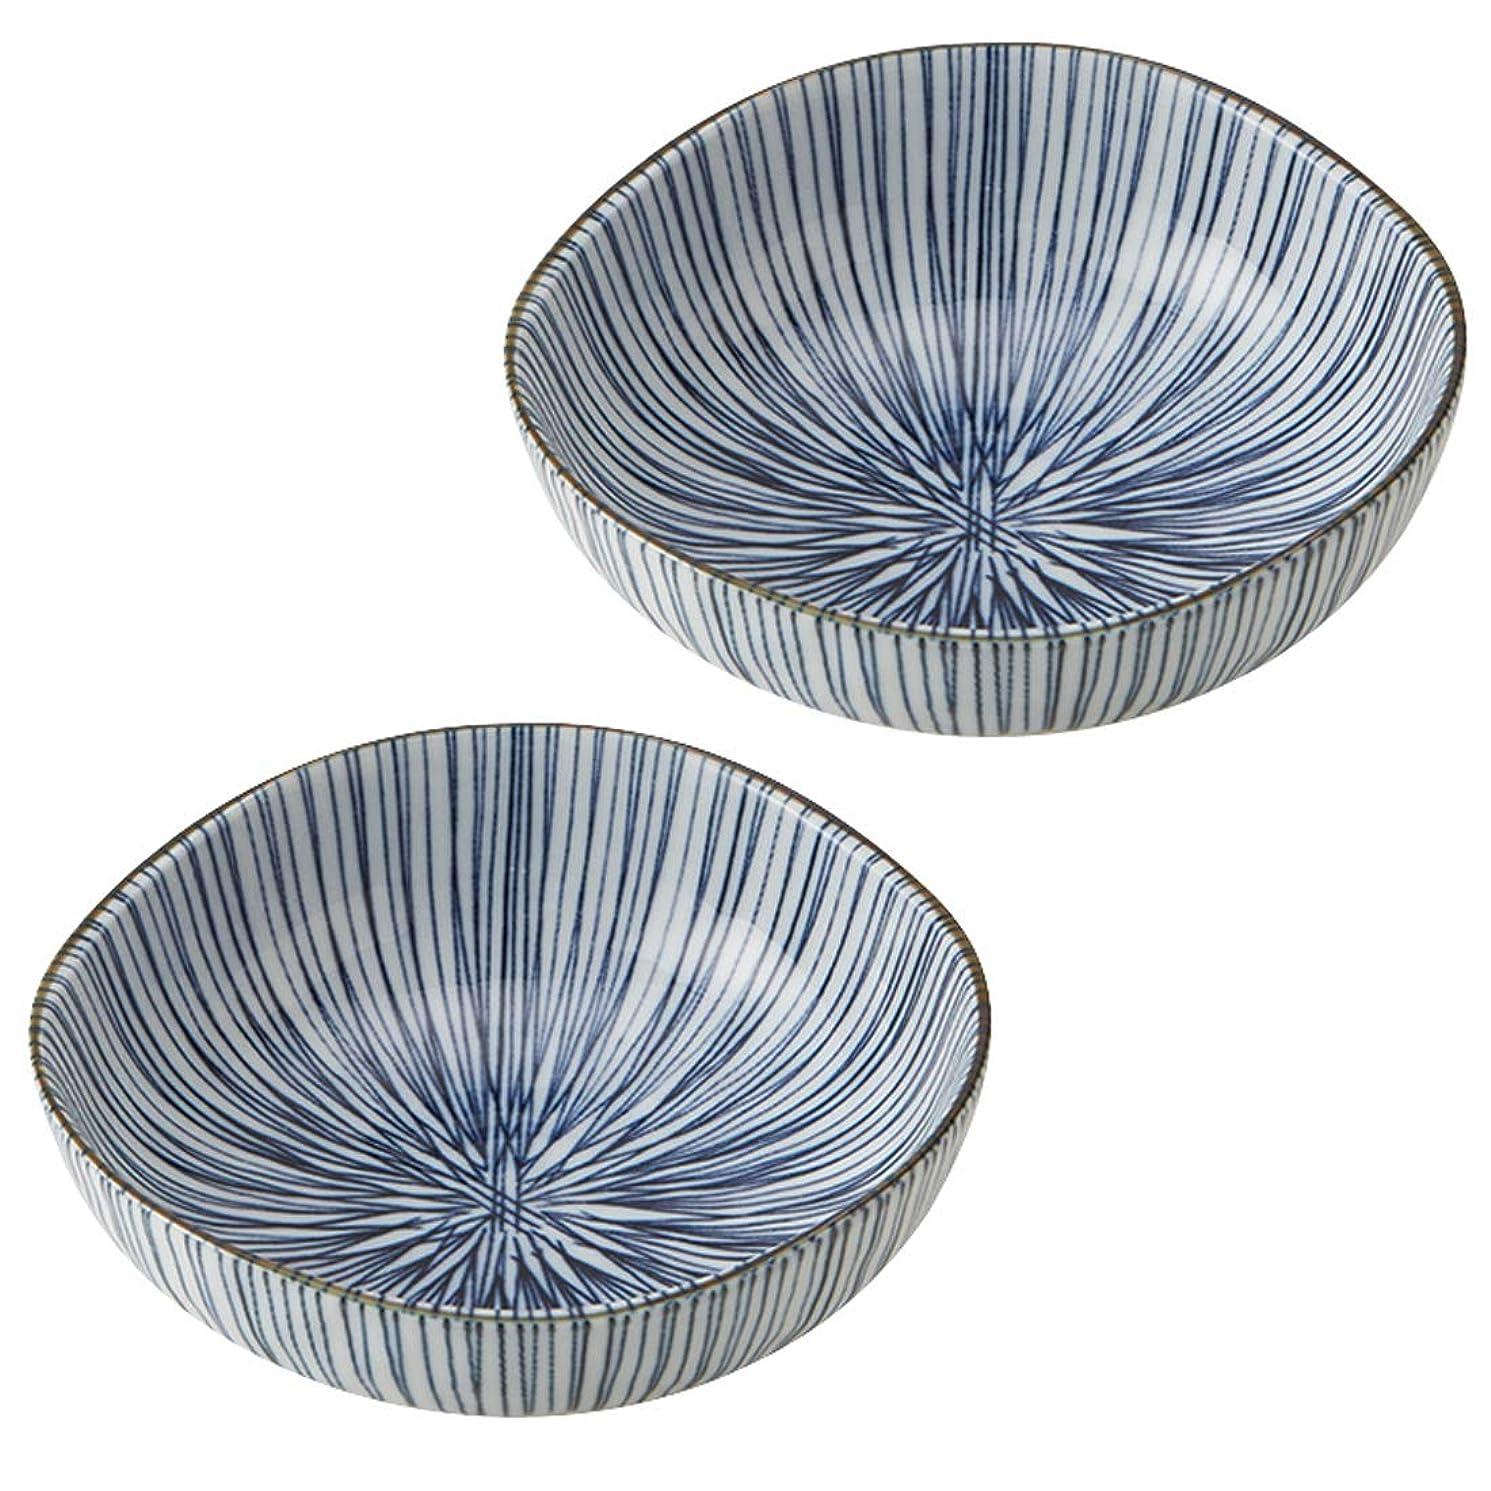 一般宅配便浴みのる陶器 美濃焼 細十草 三角4.5寸鉢 2個セット φ13.7×5cm